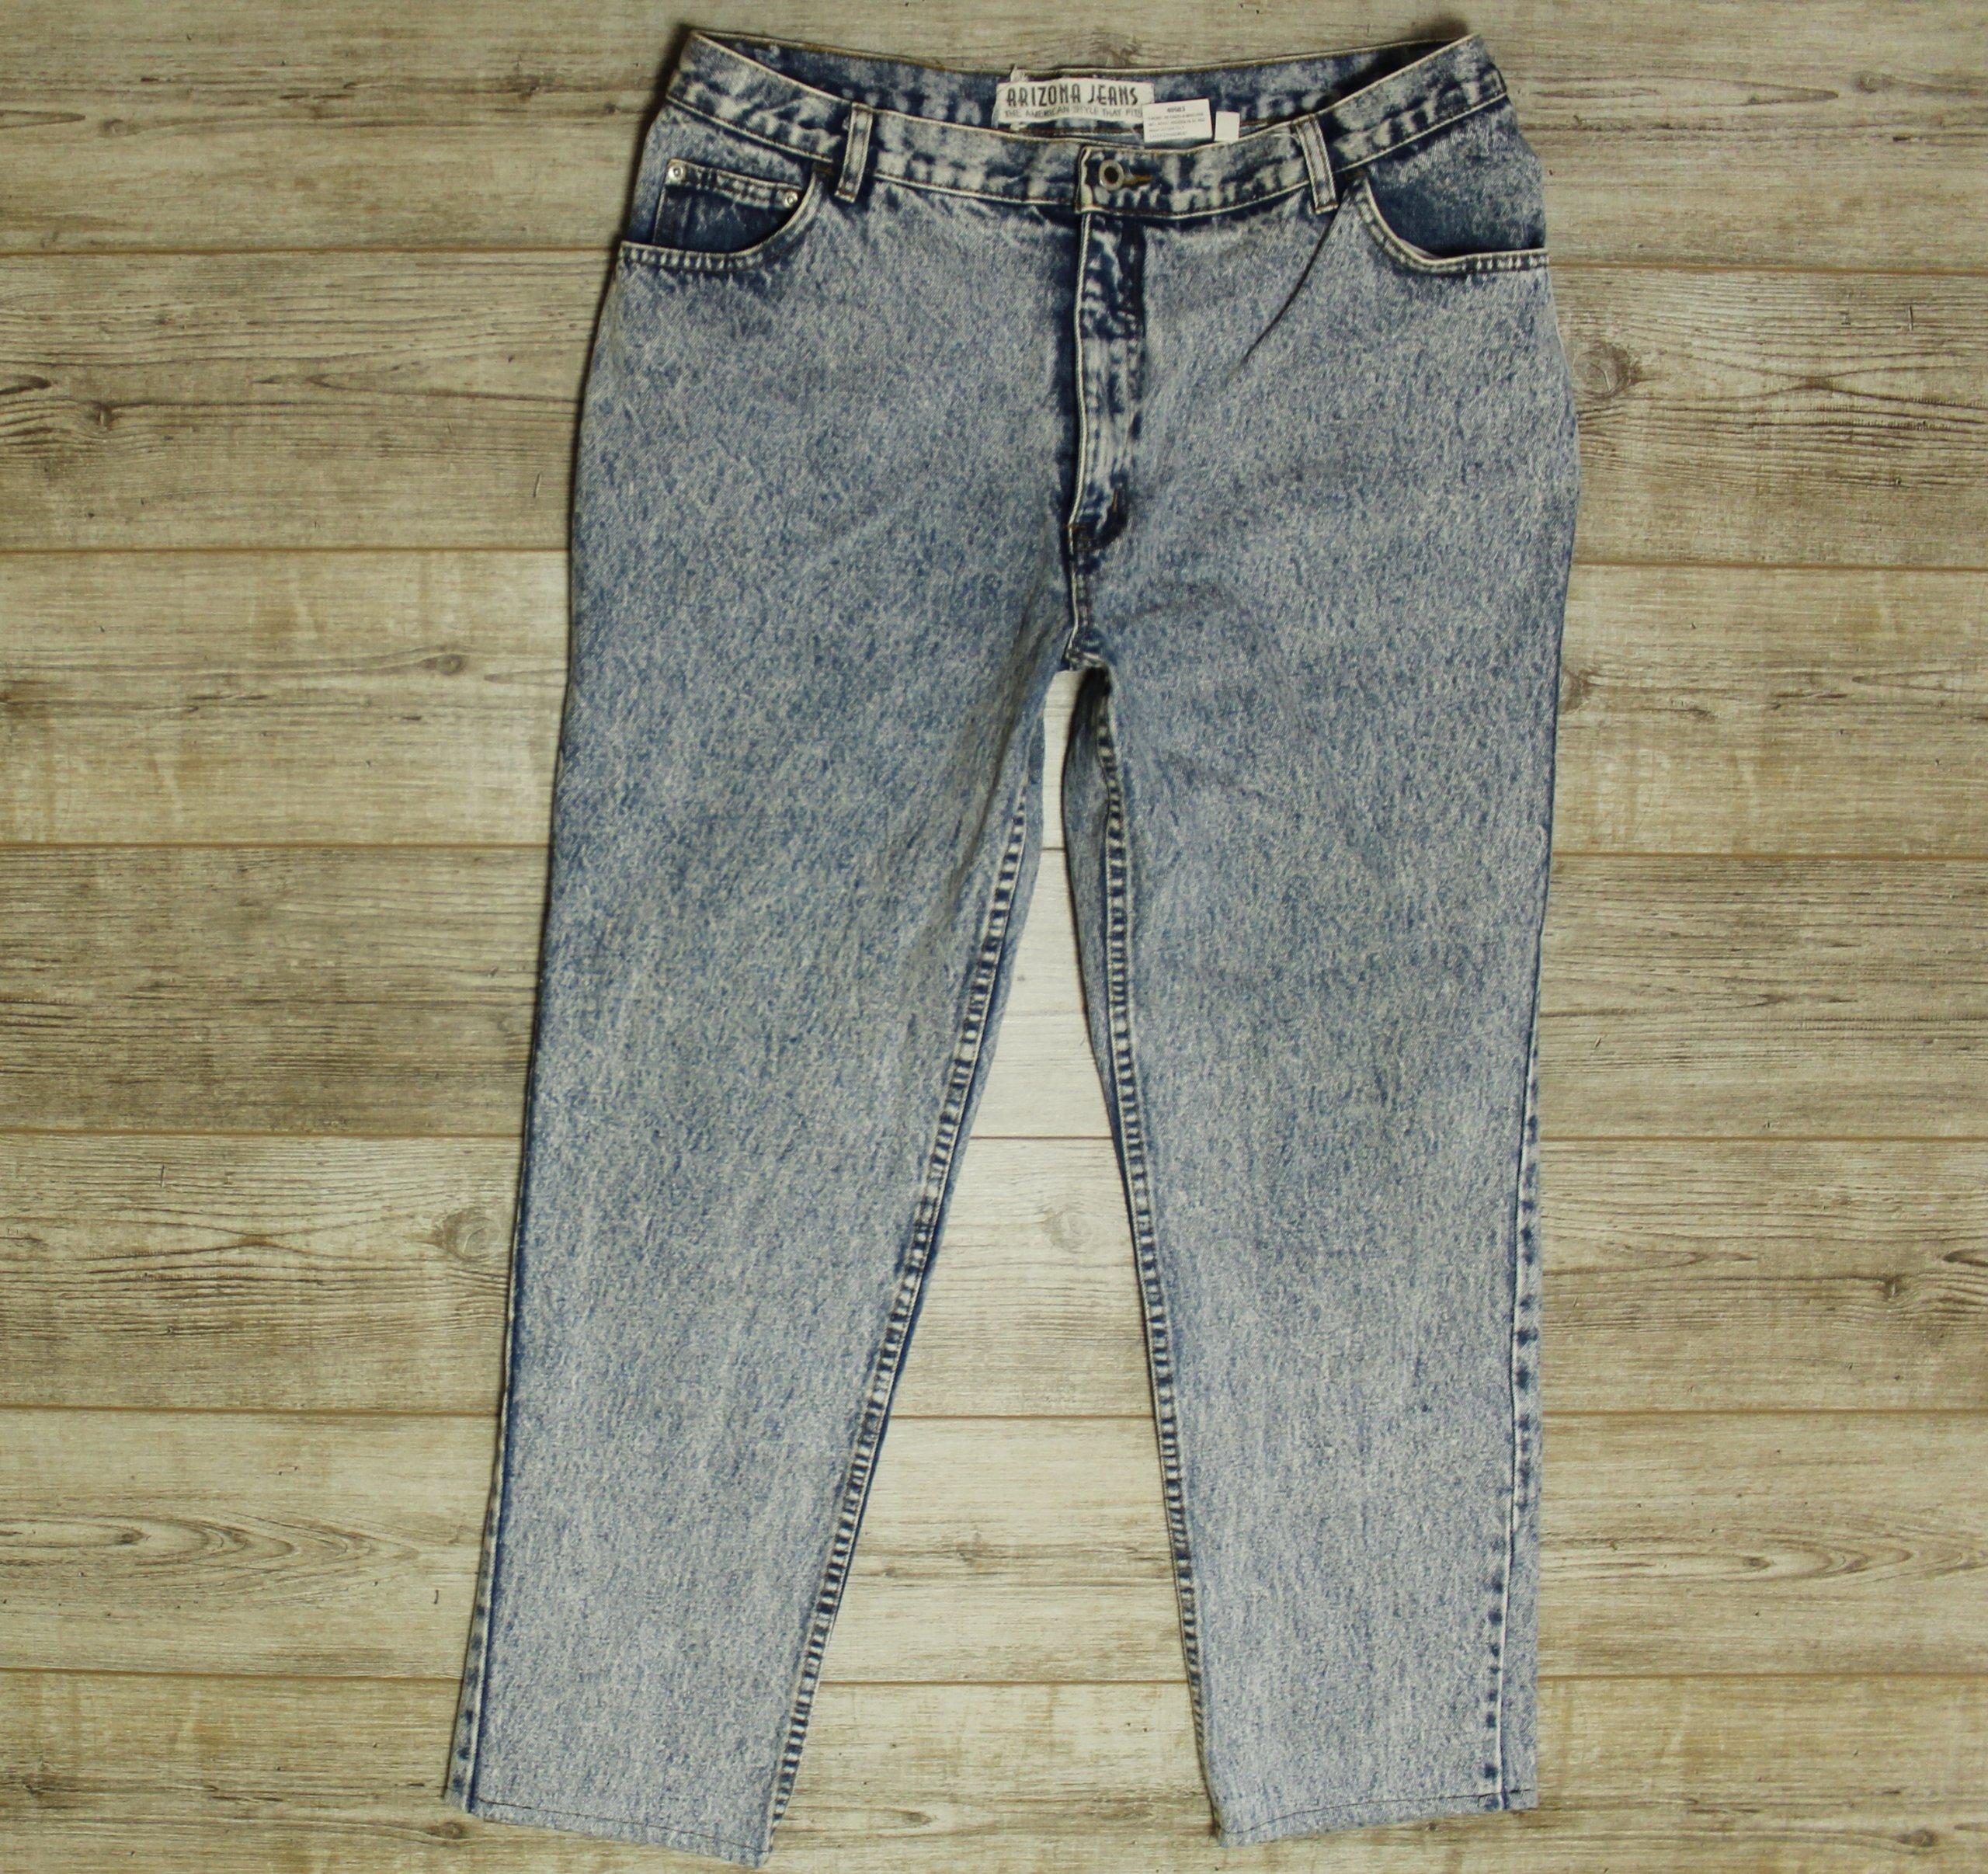 spodnie marmurkowe męskie